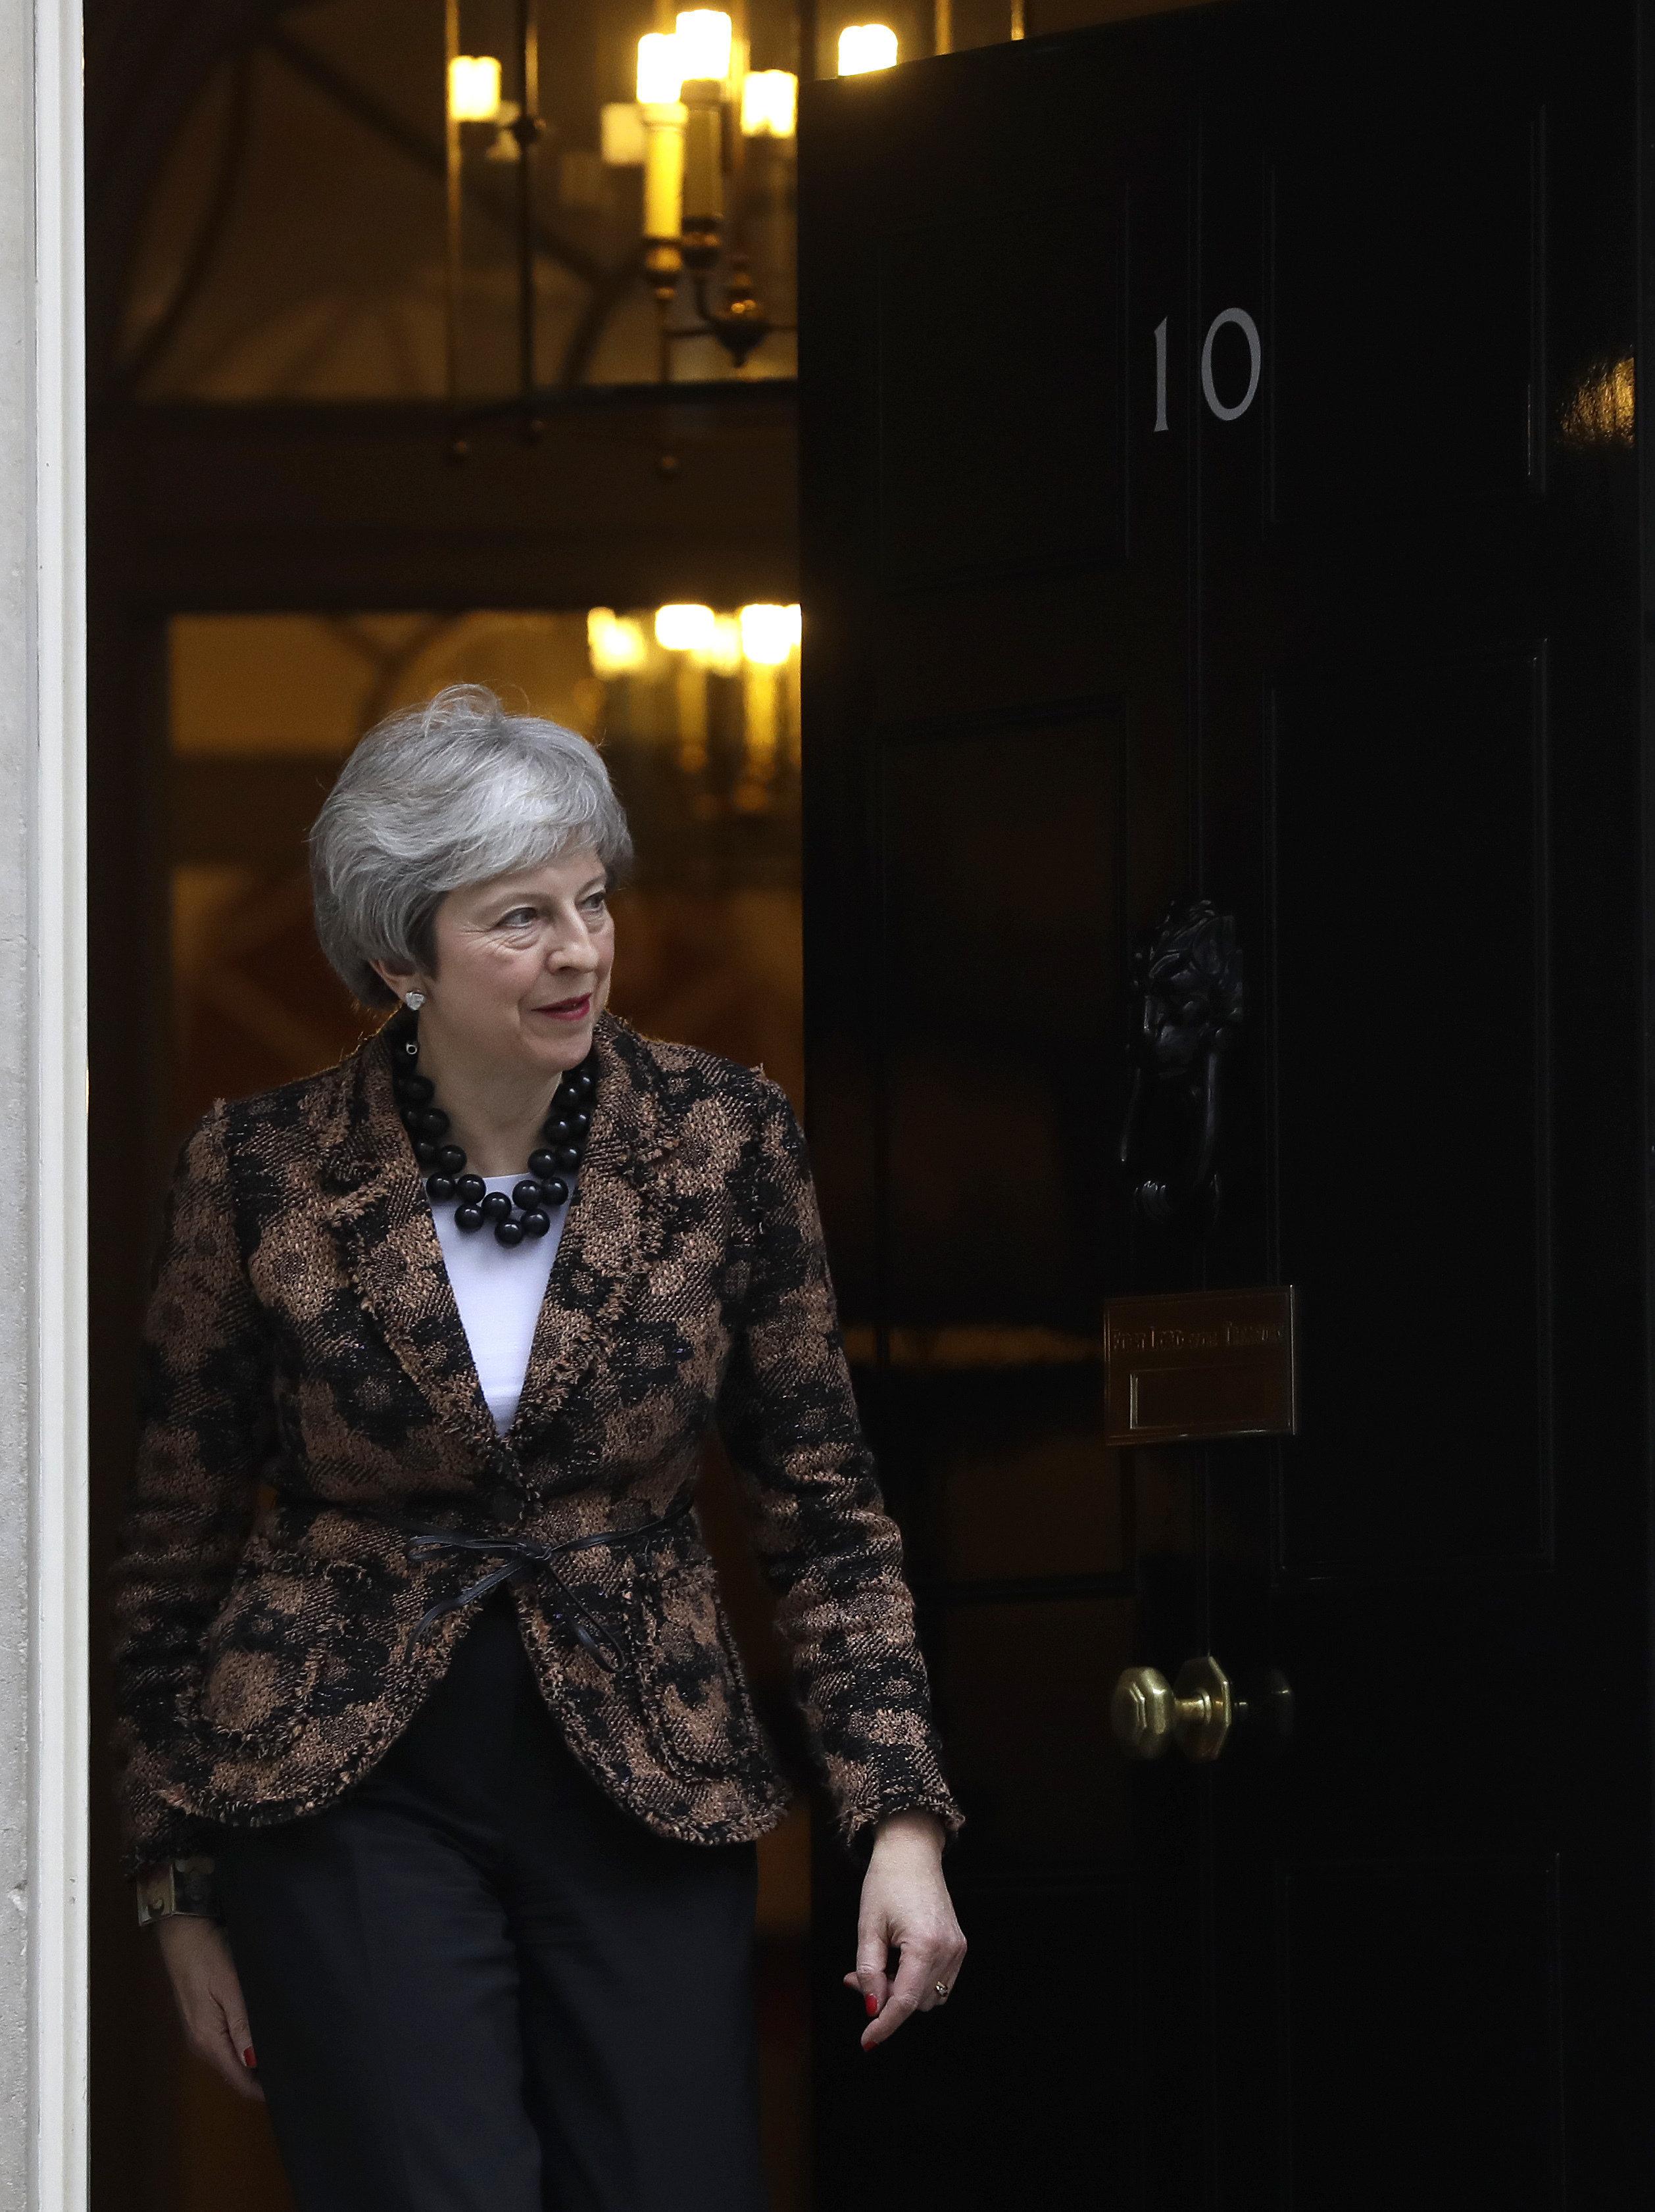 Ημέρα της Μαρμότας; Κριτική σε Μέι και το Plan B για το Brexit αφού είναι σχεδόν ίδιο με το